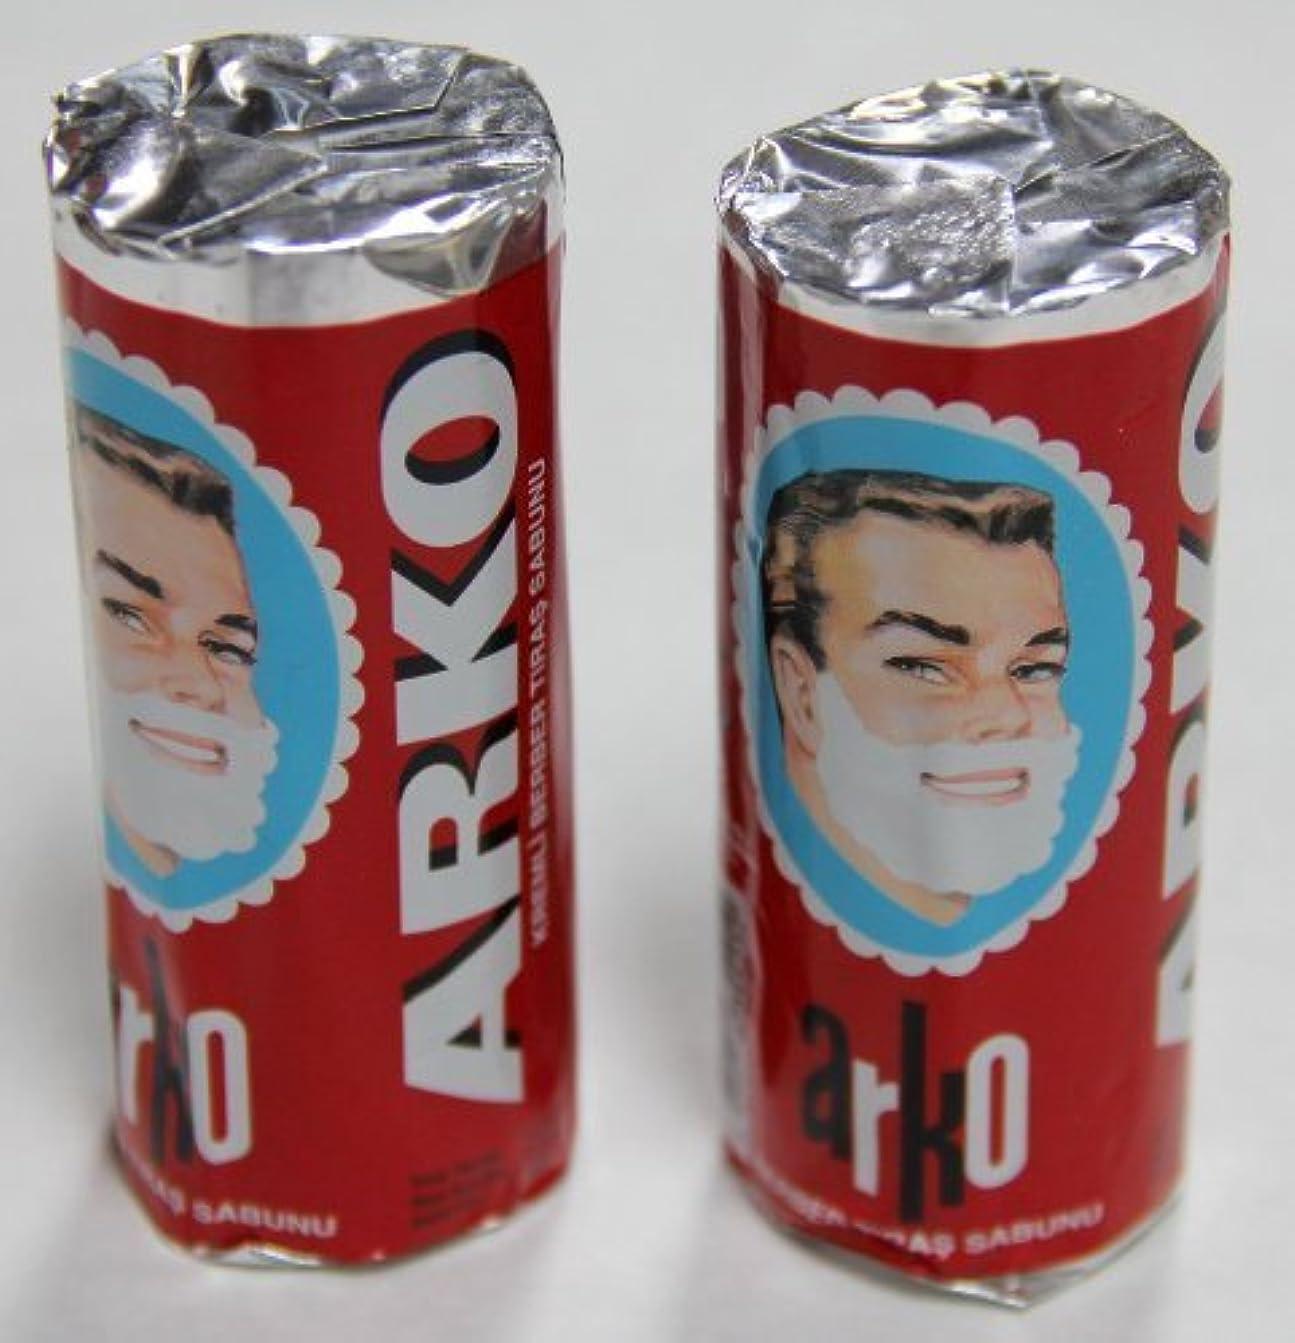 寓話メンテナンスブランクArko Shaving Soap Stick White Pack of 2 75g each [並行輸入品]